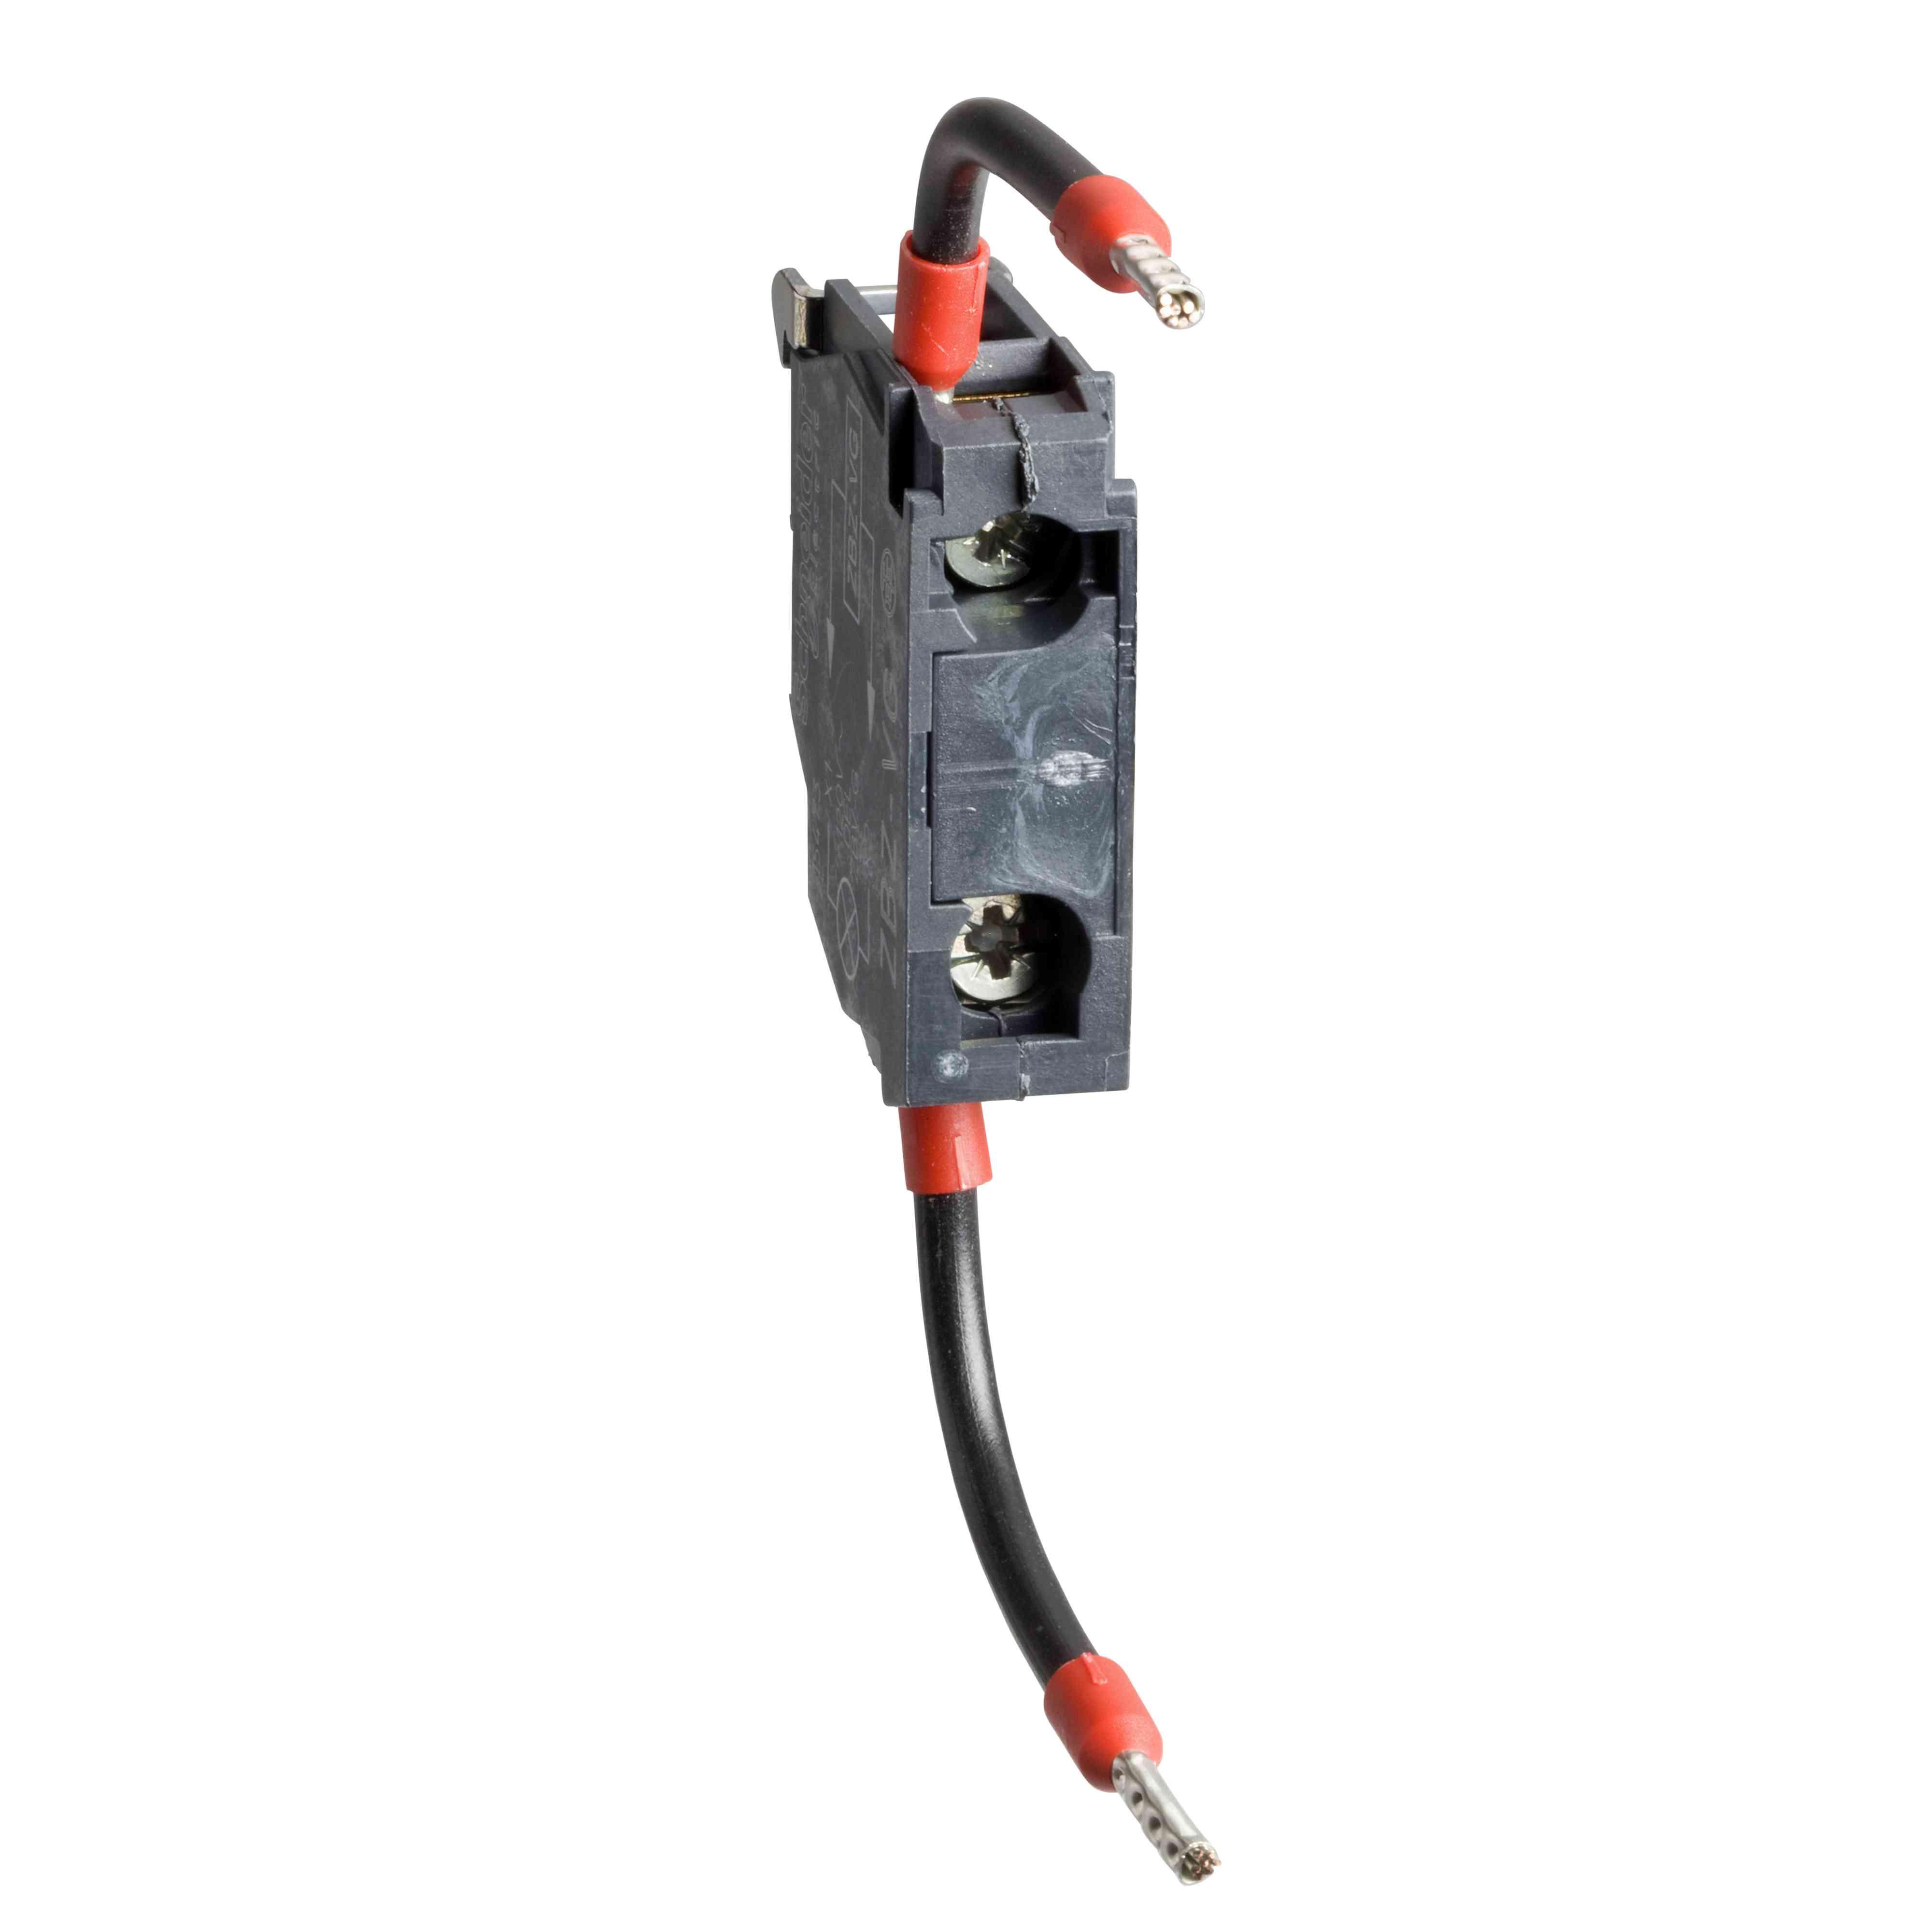 Dušilnik LED za blok z lučko in vgr. LED, 230 V - prik. z vij. objemkami